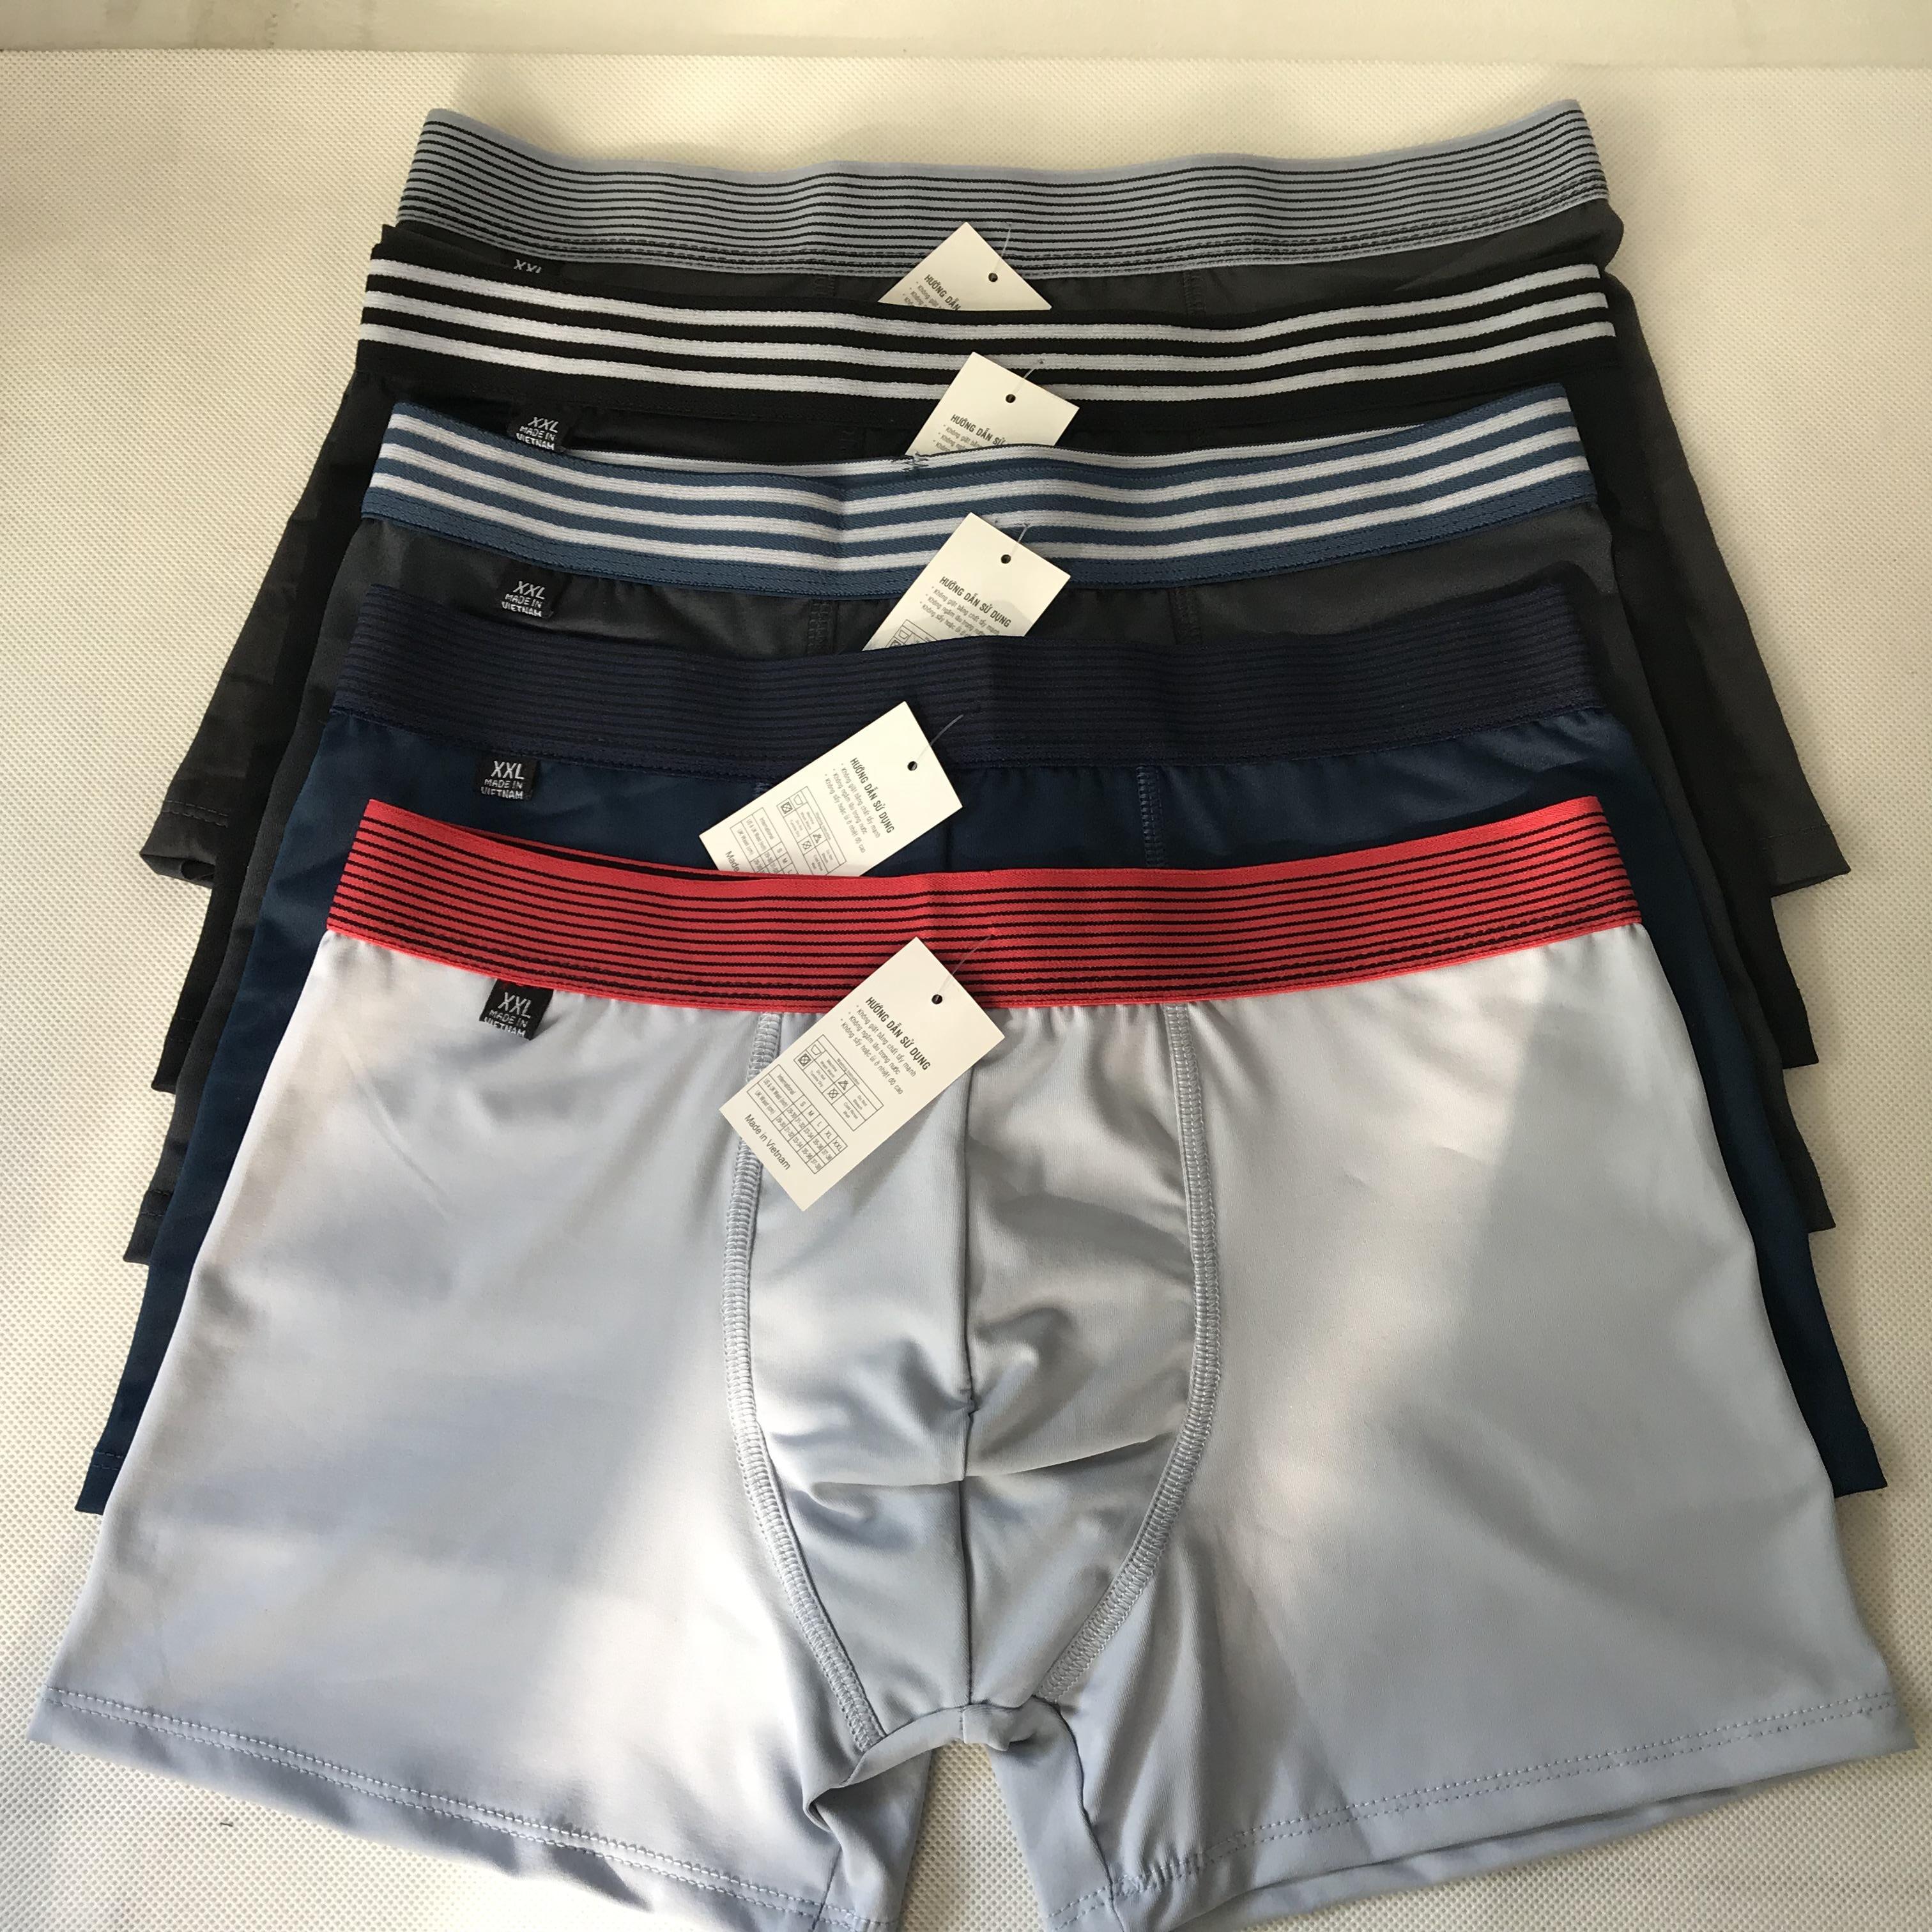 Combo 5 quần sịp đùi, quần lót boxer 100% cotton 4 chiều cực mát hàng cao cấp thời trang giá...